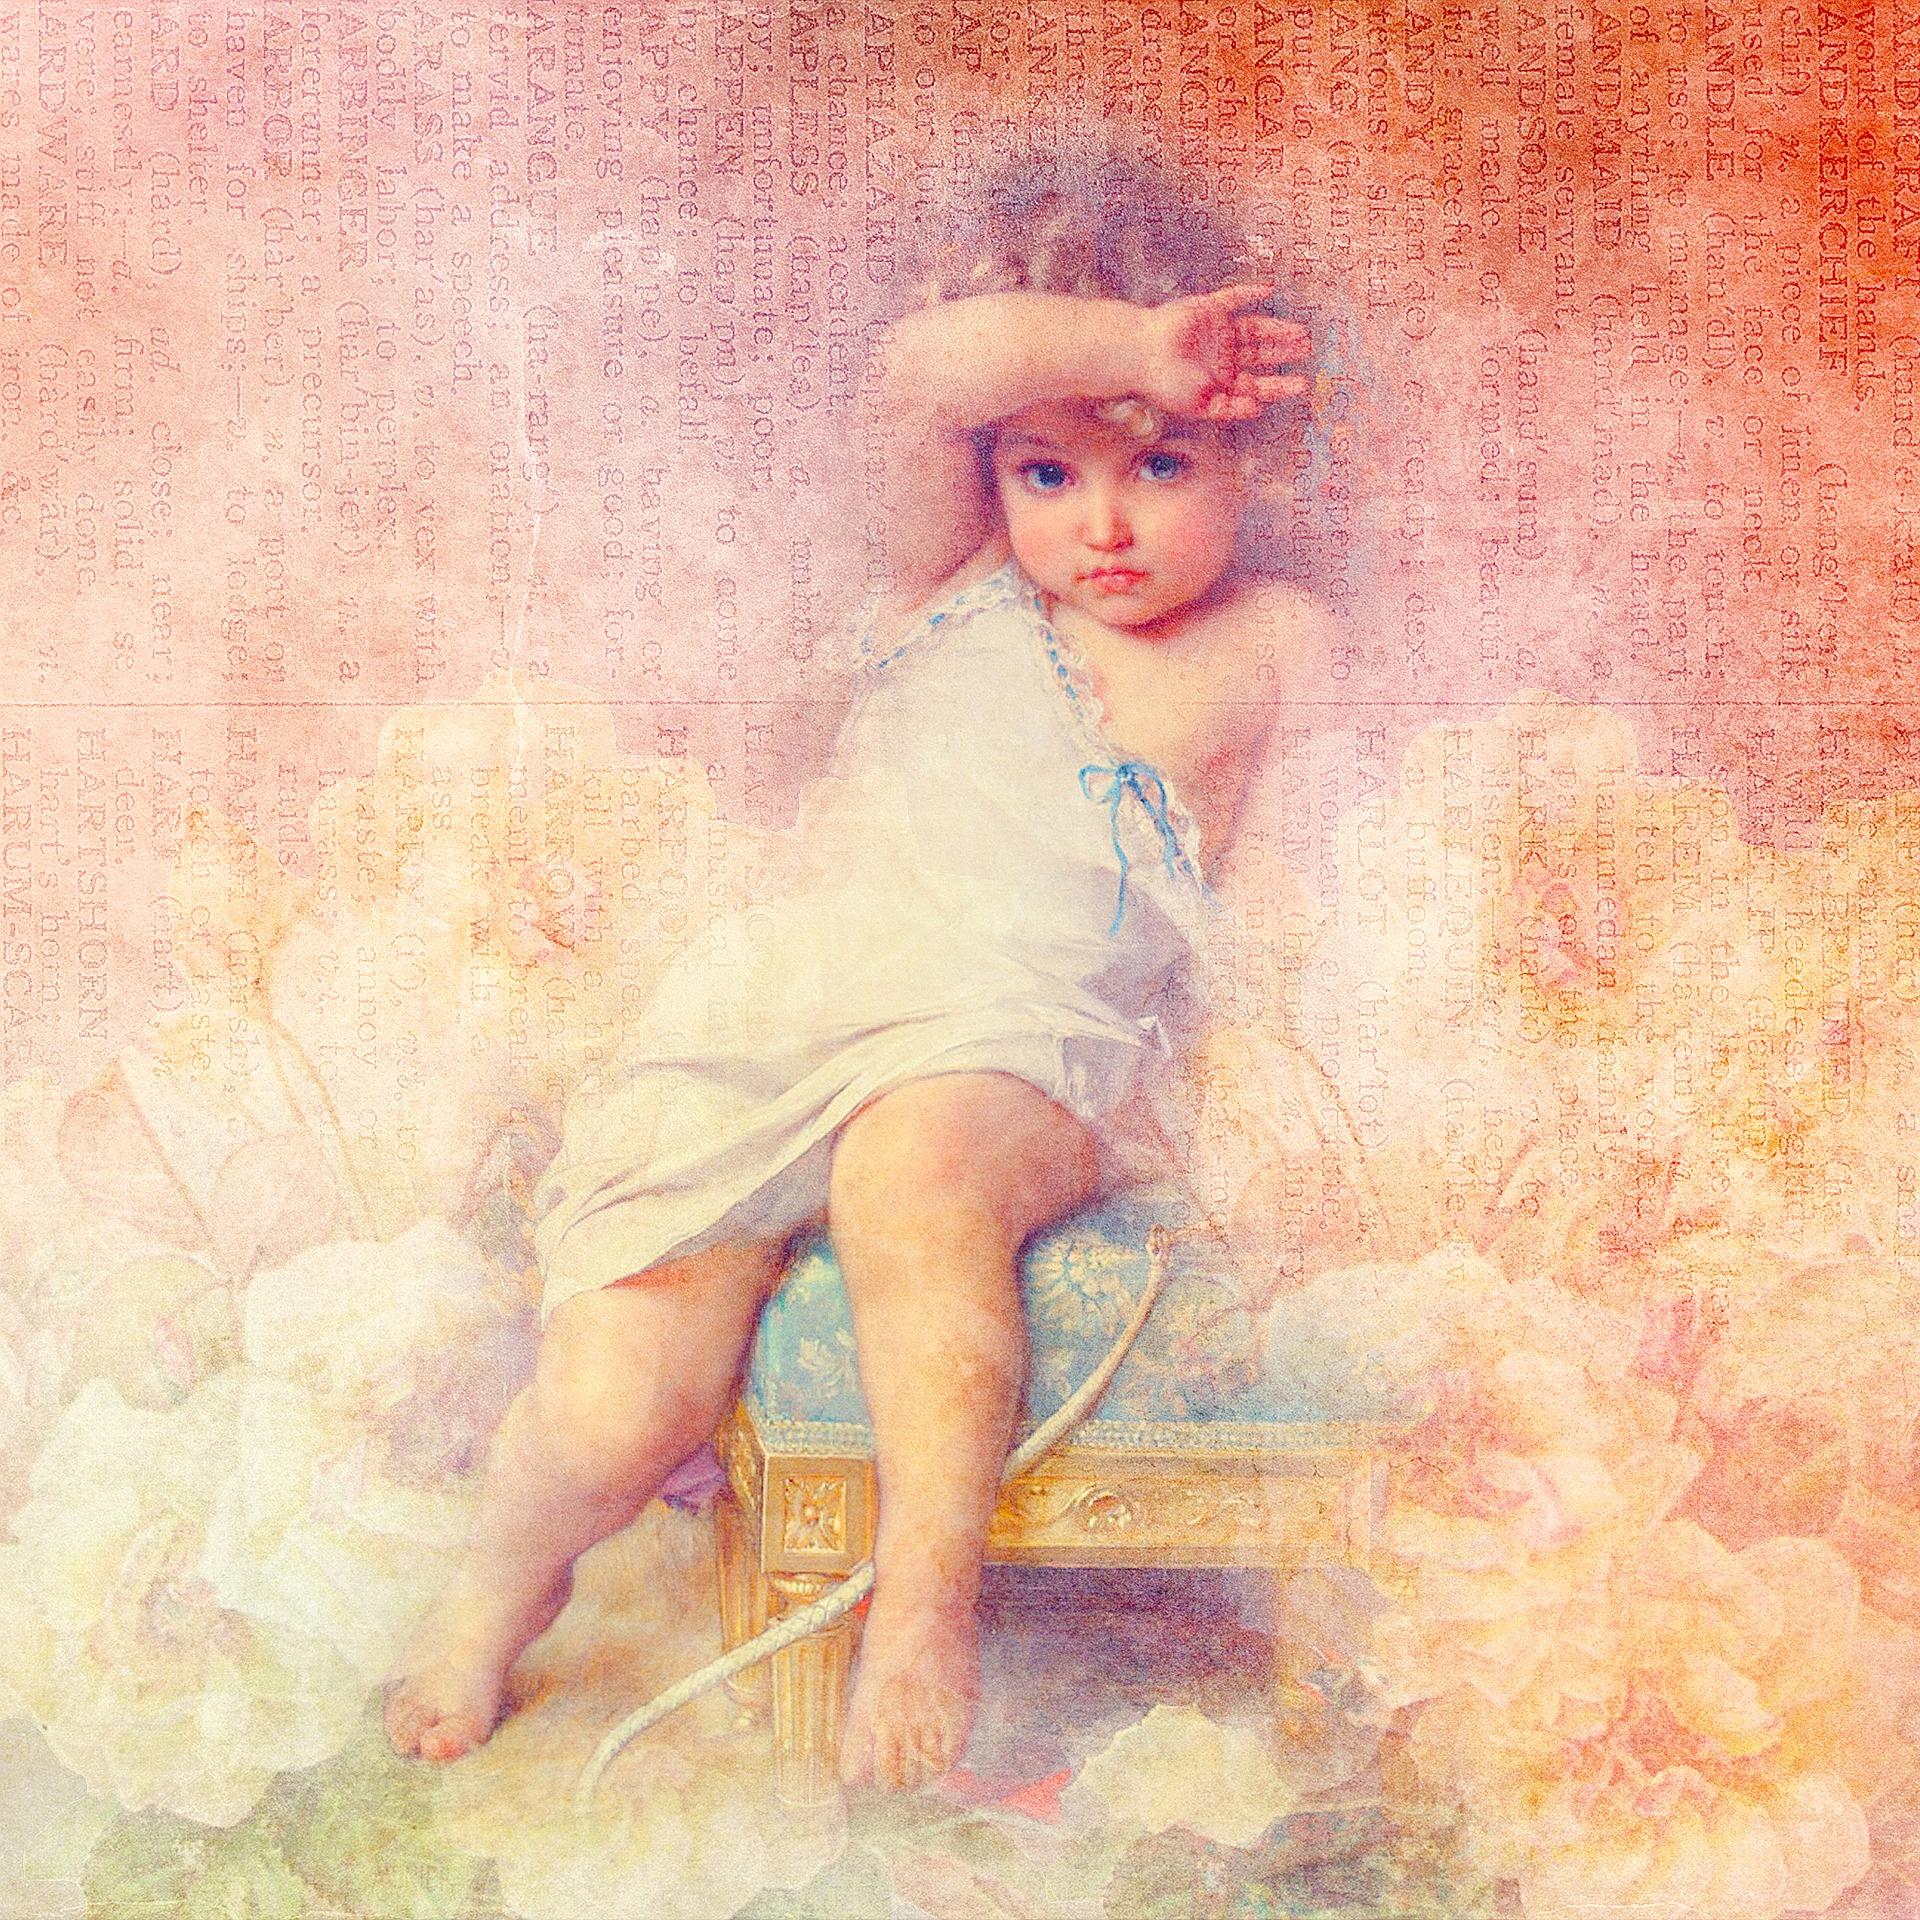 恋が叶う待ち受け画像15の魔法や天使の待ち受けiphone6もあり